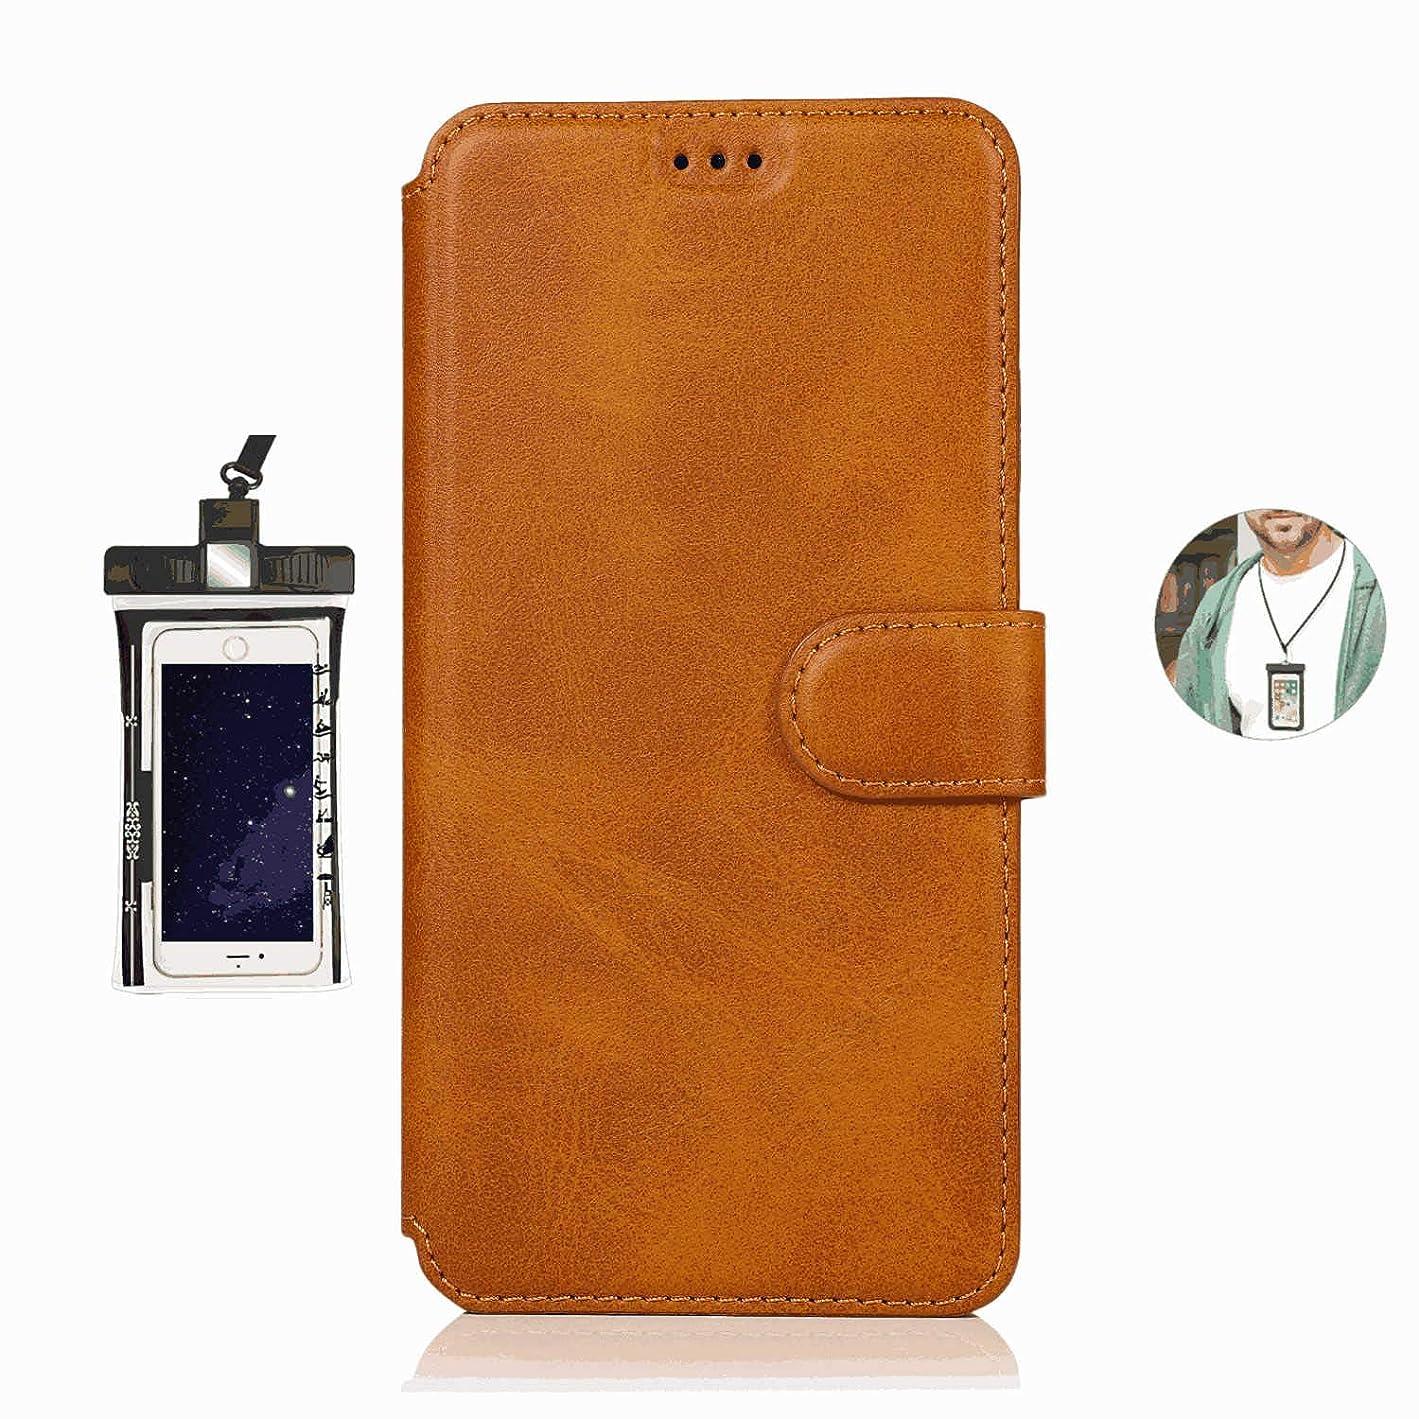 空虚取り出す羽耐汚れ 手帳型 サムスン ギャラクシー Samsung Galaxy ノート Note9 ケース レザー スマホケース 財布型 本革 カバー収納